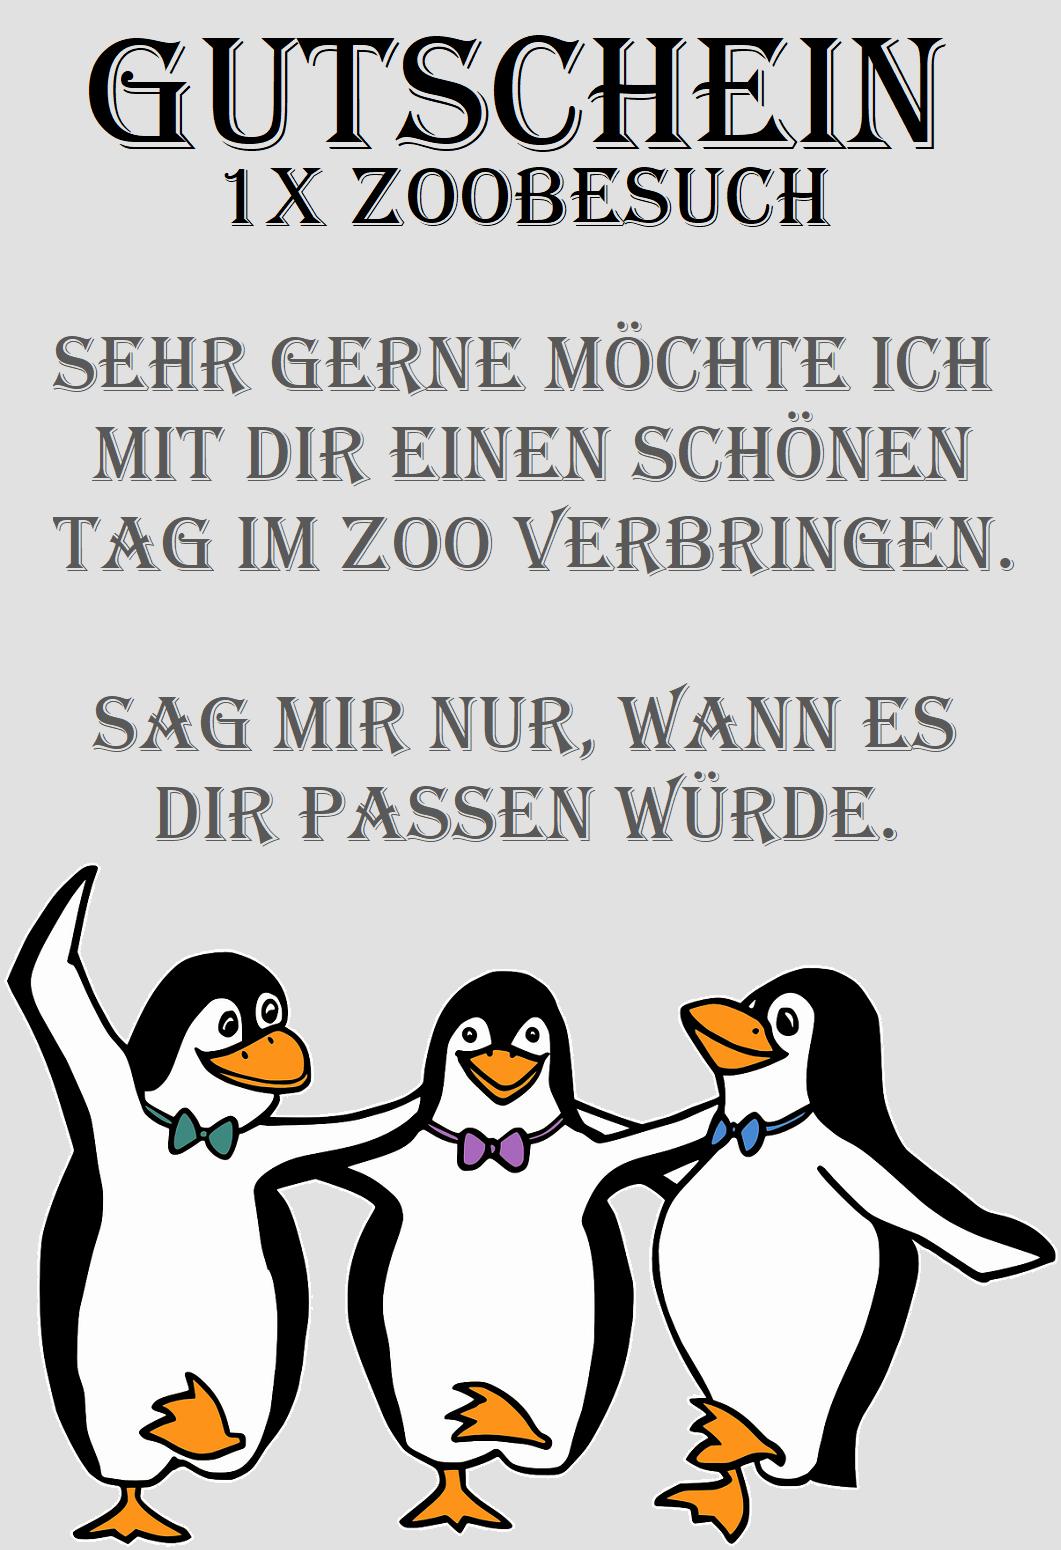 Gutscheinvorlage Fur Den Zoo Gutschein Vorlage Gutschein Vorlage Kostenlos Gutscheine Vorlagen Kostenlos Ausdrucken